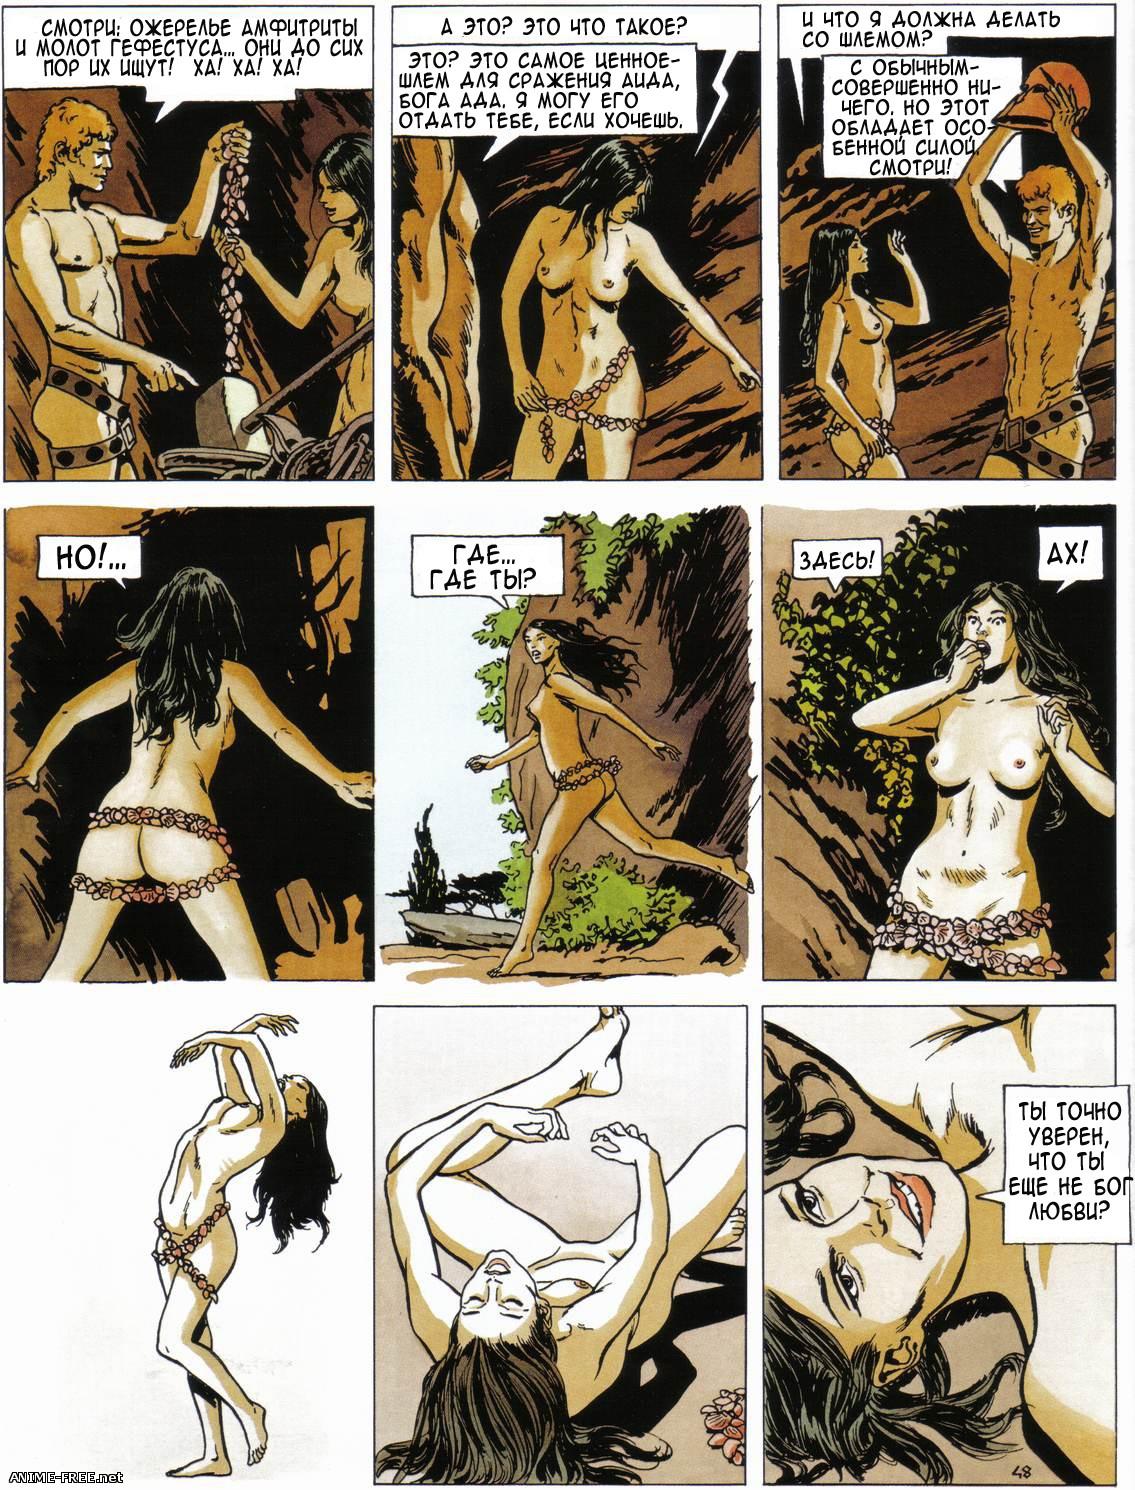 Epoxy / ������ [Uncen] [RUS] Porno Comics